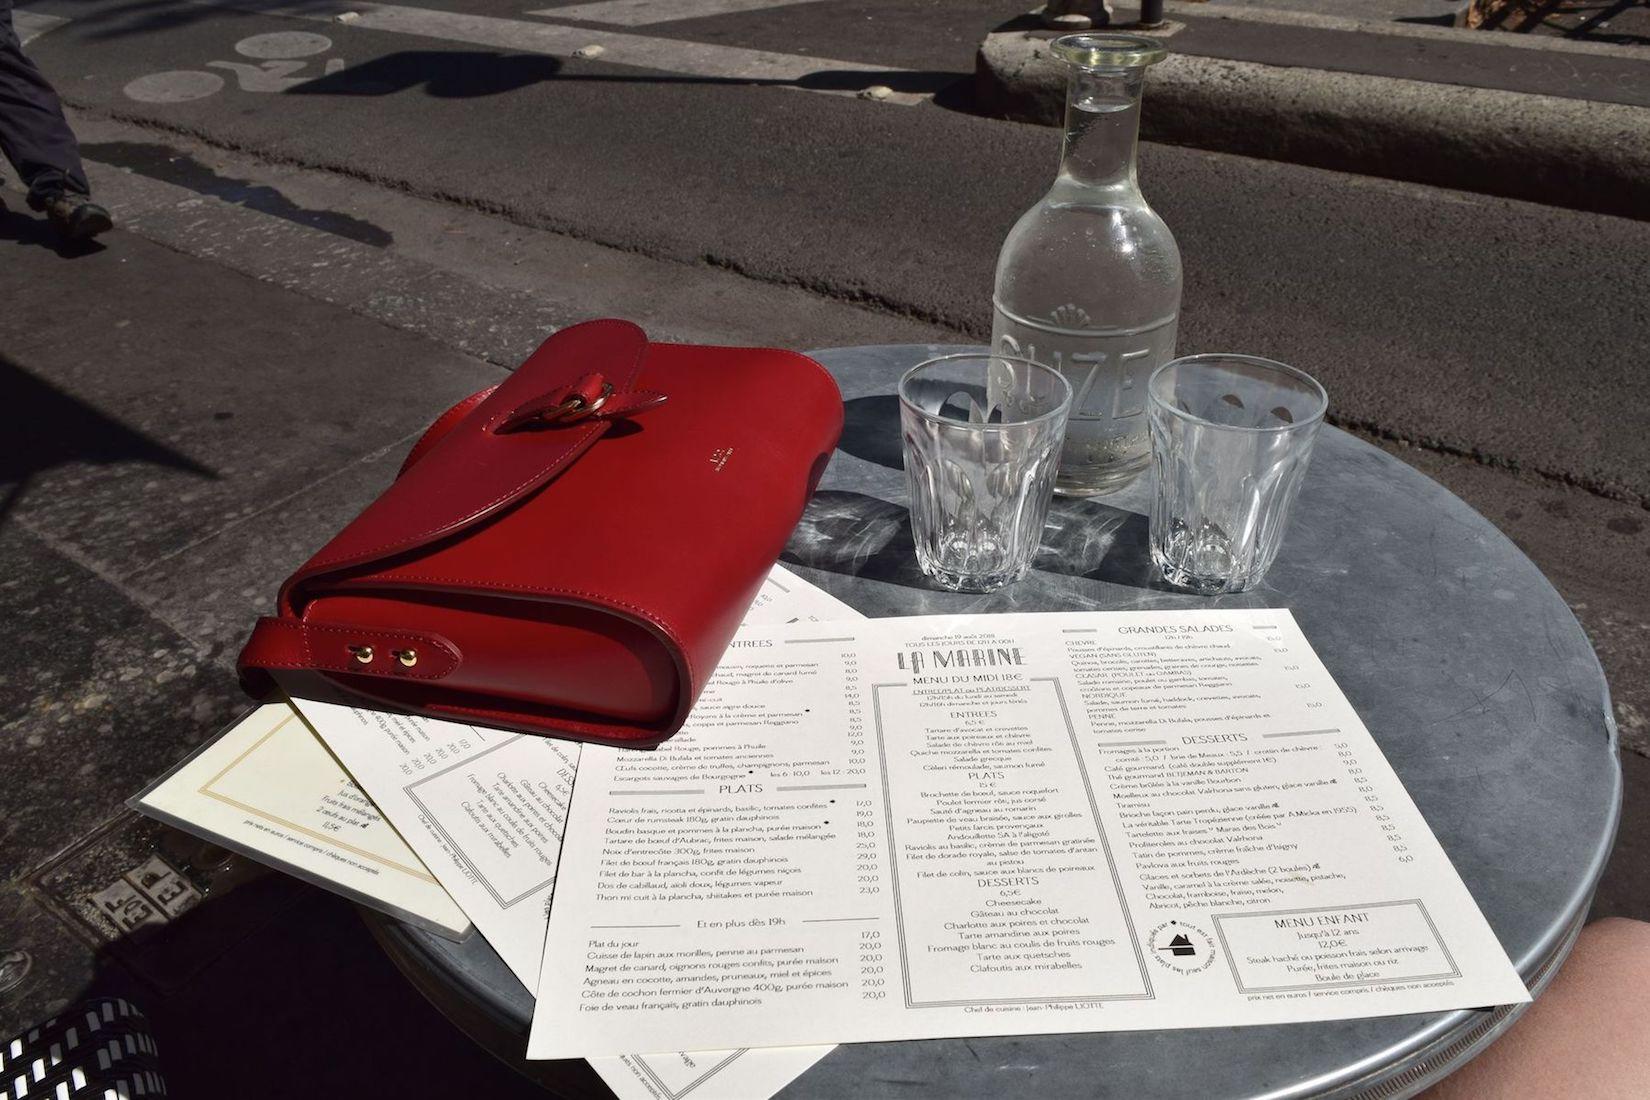 La Marine Restaurant, Paris